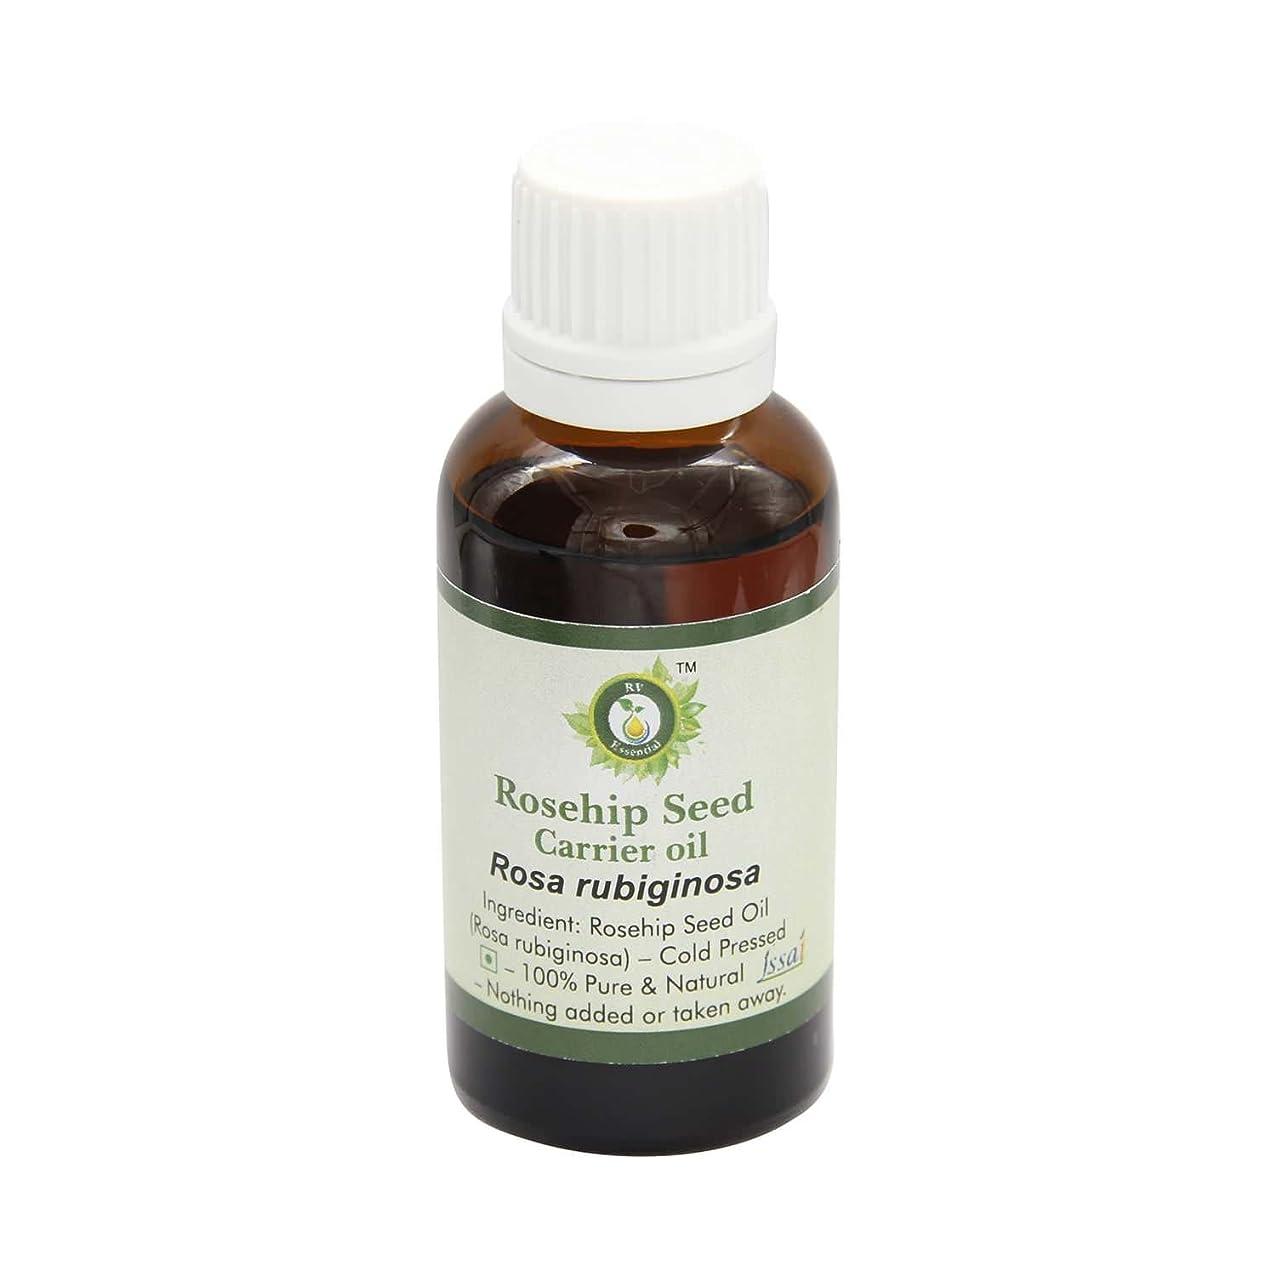 サンダルマキシム流用するR V Essential ピュアローズヒップシードキャリアオイル630ml (21oz)- Rosa Rubiginosa (100%ピュア&ナチュラルコールドPressed) Pure Rosehip Seed Carrier Oil